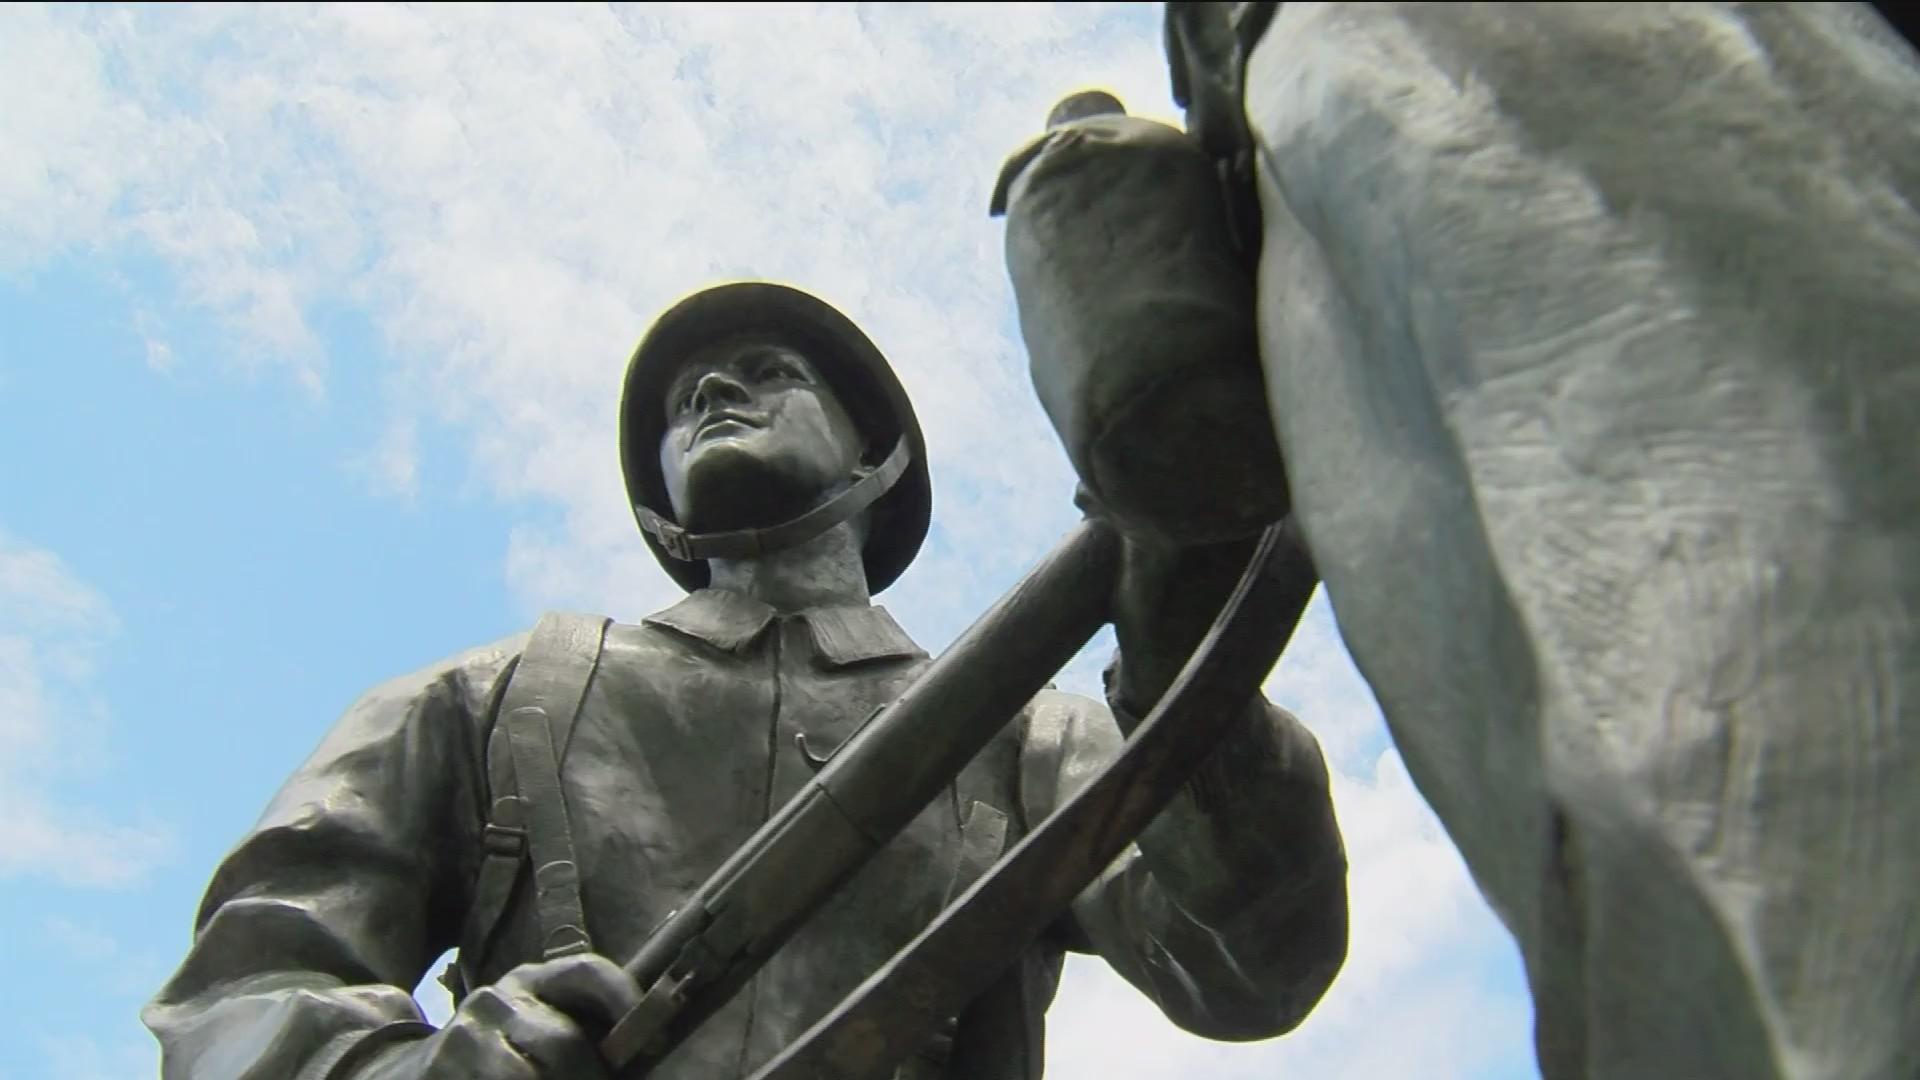 Veteran_s_Memorial_Museum_Honors_D_Day_0_20190608003827